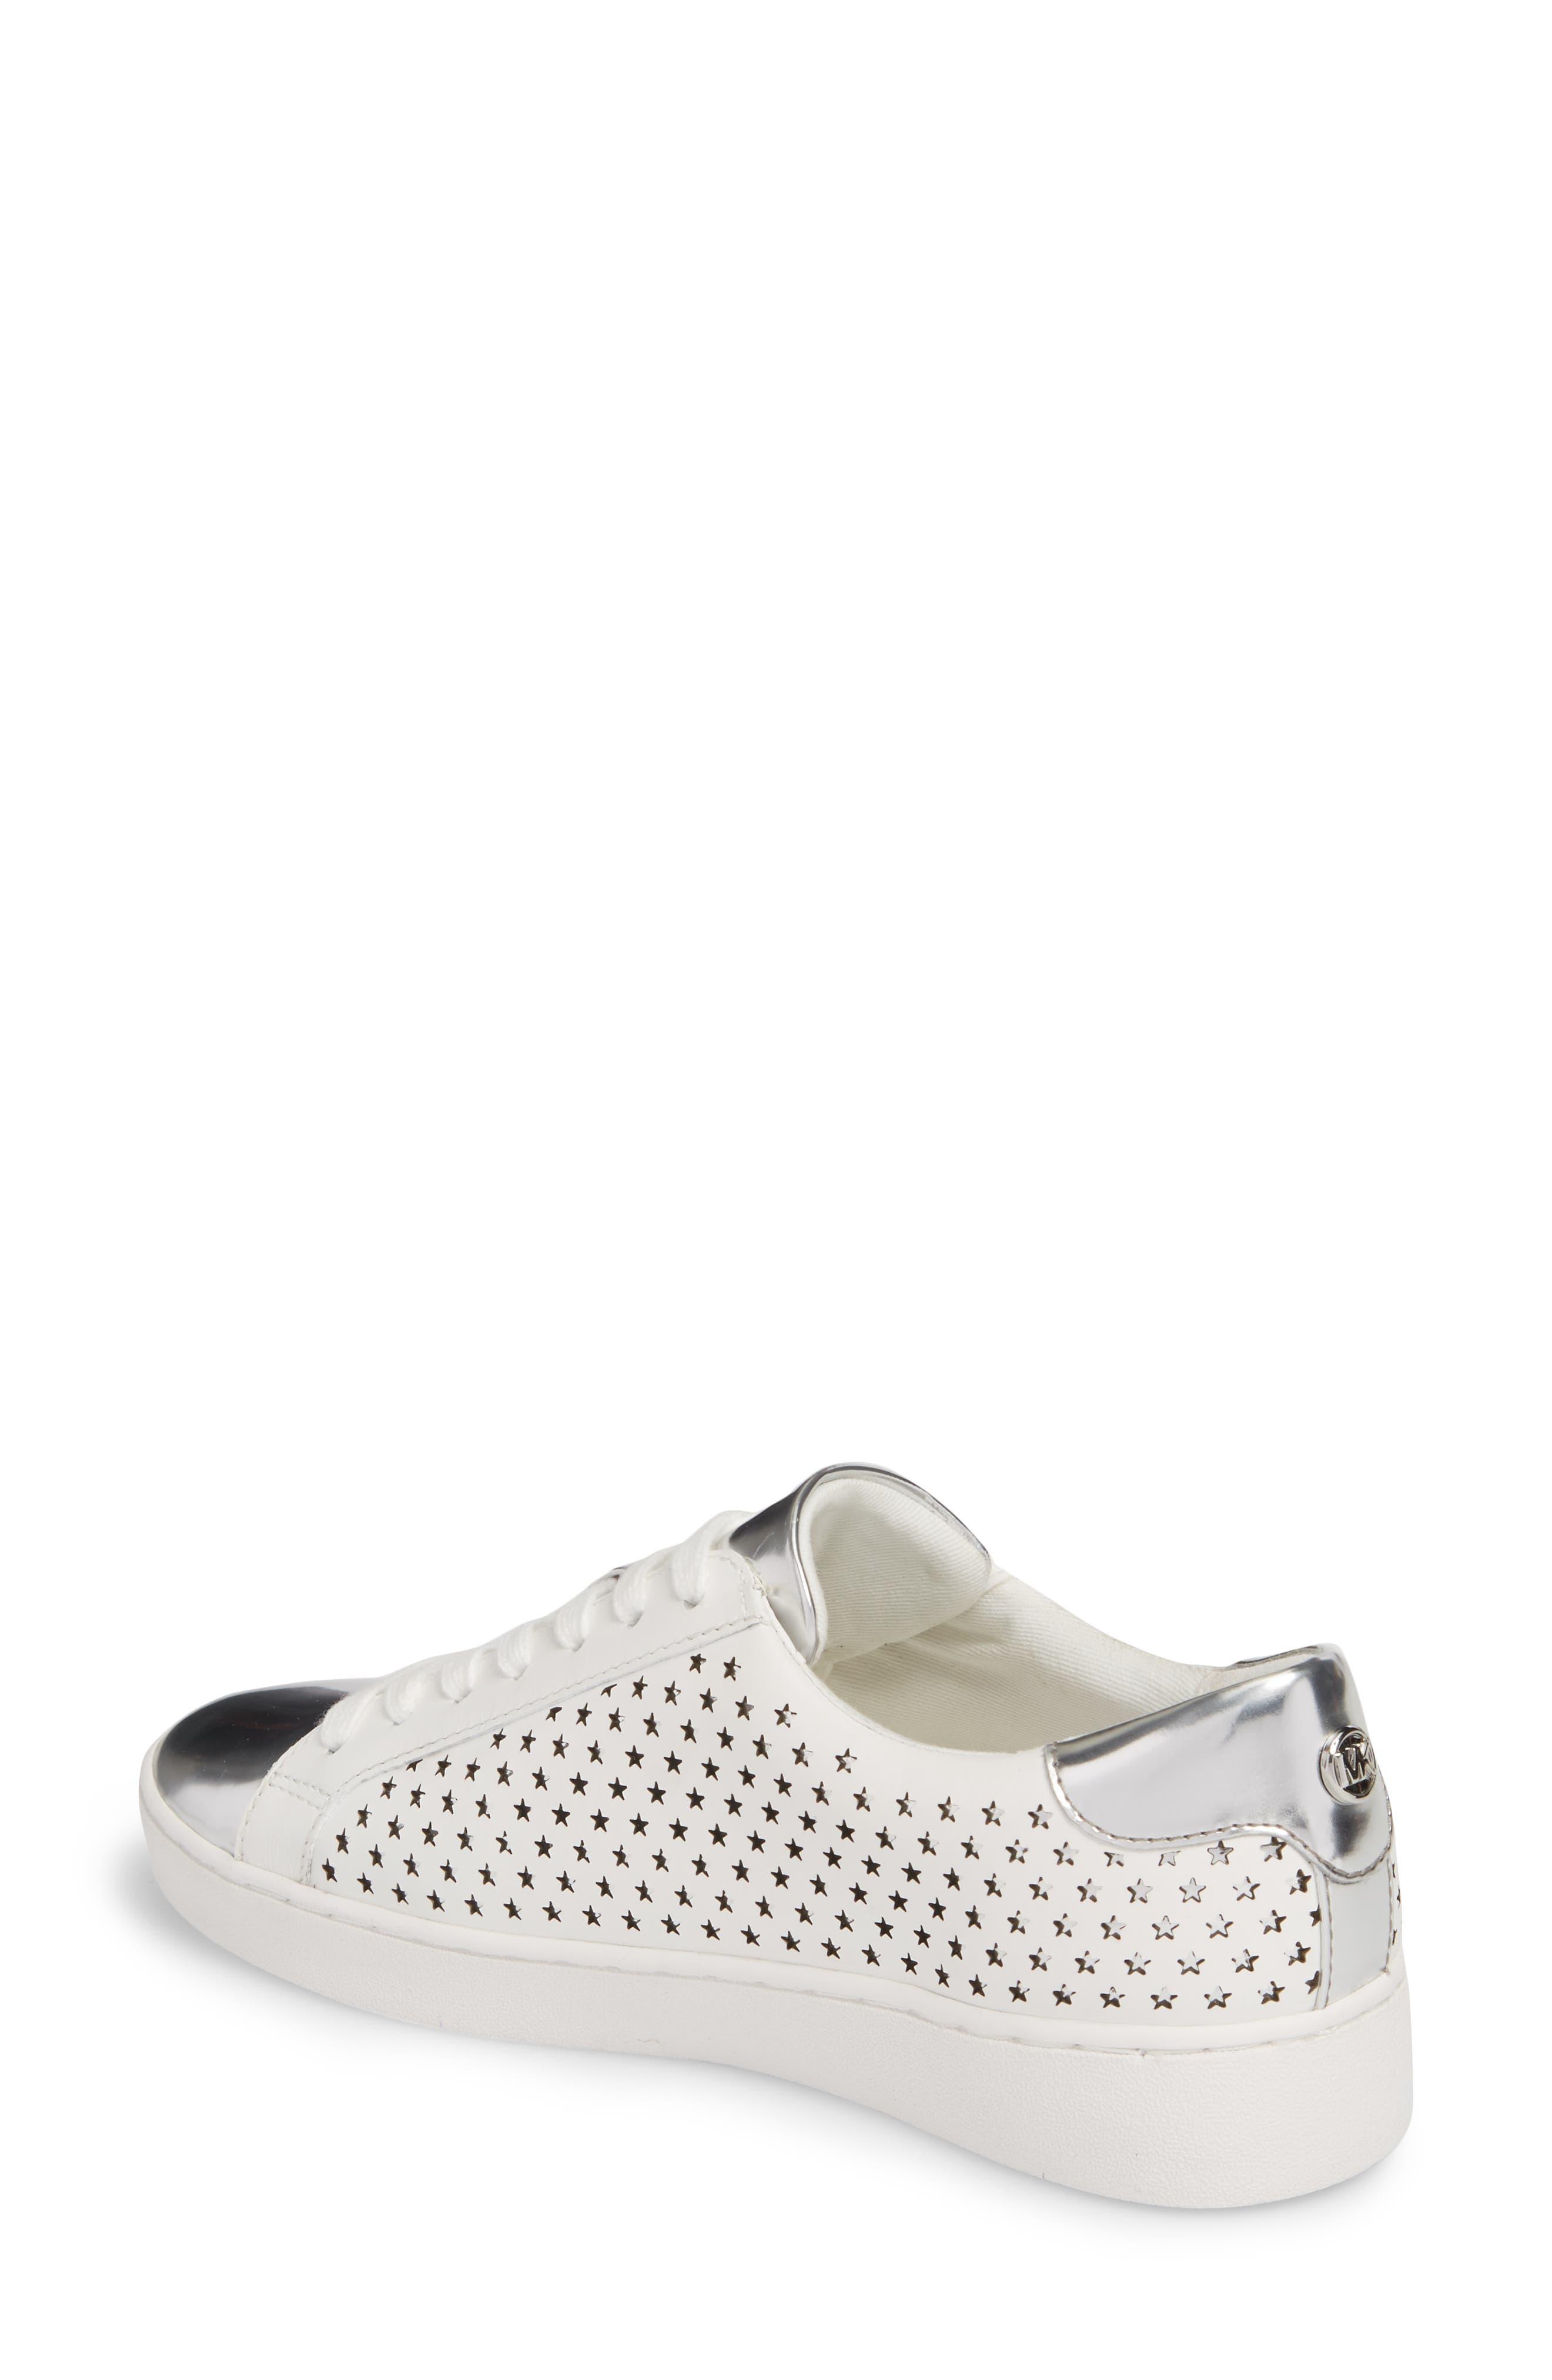 Irving Sneaker,                             Alternate thumbnail 2, color,                             Optic White